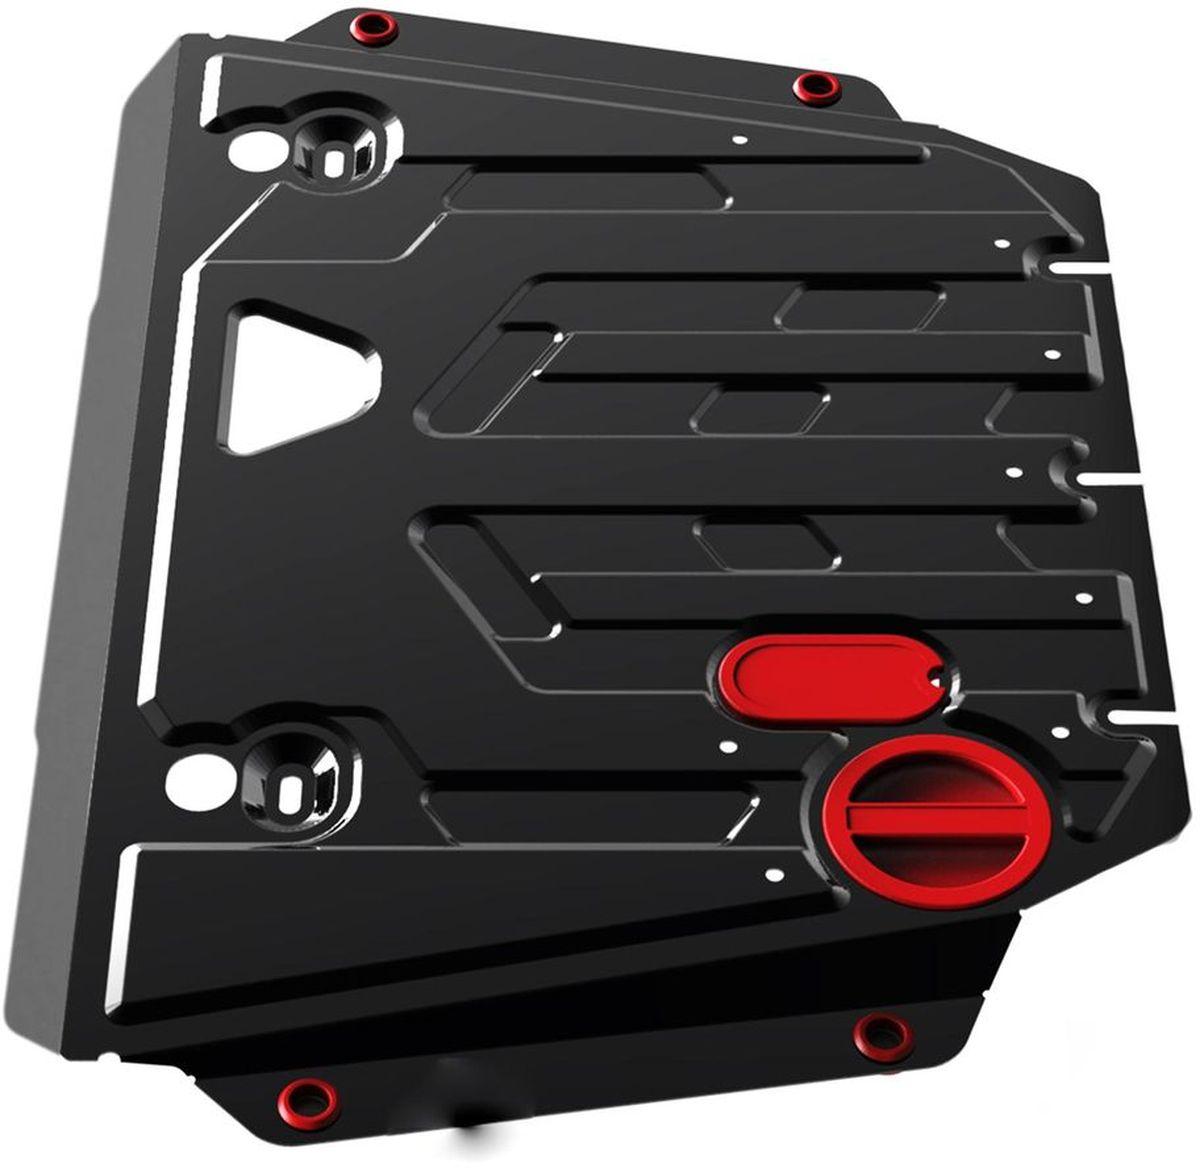 Защита картера Автоброня, для Geely Vision, V -1,8 (2008-2011)/Geely Emgrand EC7, V-все (2011-)111.01902.1Технологически совершенный продукт за невысокую стоимость. Защита разработана с учетом особенностей днища автомобиля, что позволяет сохранить дорожный просвет с минимальным изменением. Защита устанавливается в штатные места кузова автомобиля. Глубокий штамп обеспечивает до двух раз больше жесткости в сравнении с обычной защитой той же толщины. Проштампованные ребра жесткости препятствуют деформации защиты при ударах. Тепловой зазор и вентиляционные отверстия обеспечивают сохранение температурного режима двигателя в норме. Скрытый крепеж предотвращает срыв крепежных элементов при наезде на препятствие. Шумопоглощающие резиновые элементы обеспечивают комфортную езду без вибраций и скрежета металла, а съемные лючки для слива масла и замены фильтра - экономию средств и время. Конструкция изделия не влияет на пассивную безопасность автомобиля (при ударе защита не воздействует на деформационные зоны кузова). Со штатным крепежом. В комплекте инструкция по установке....